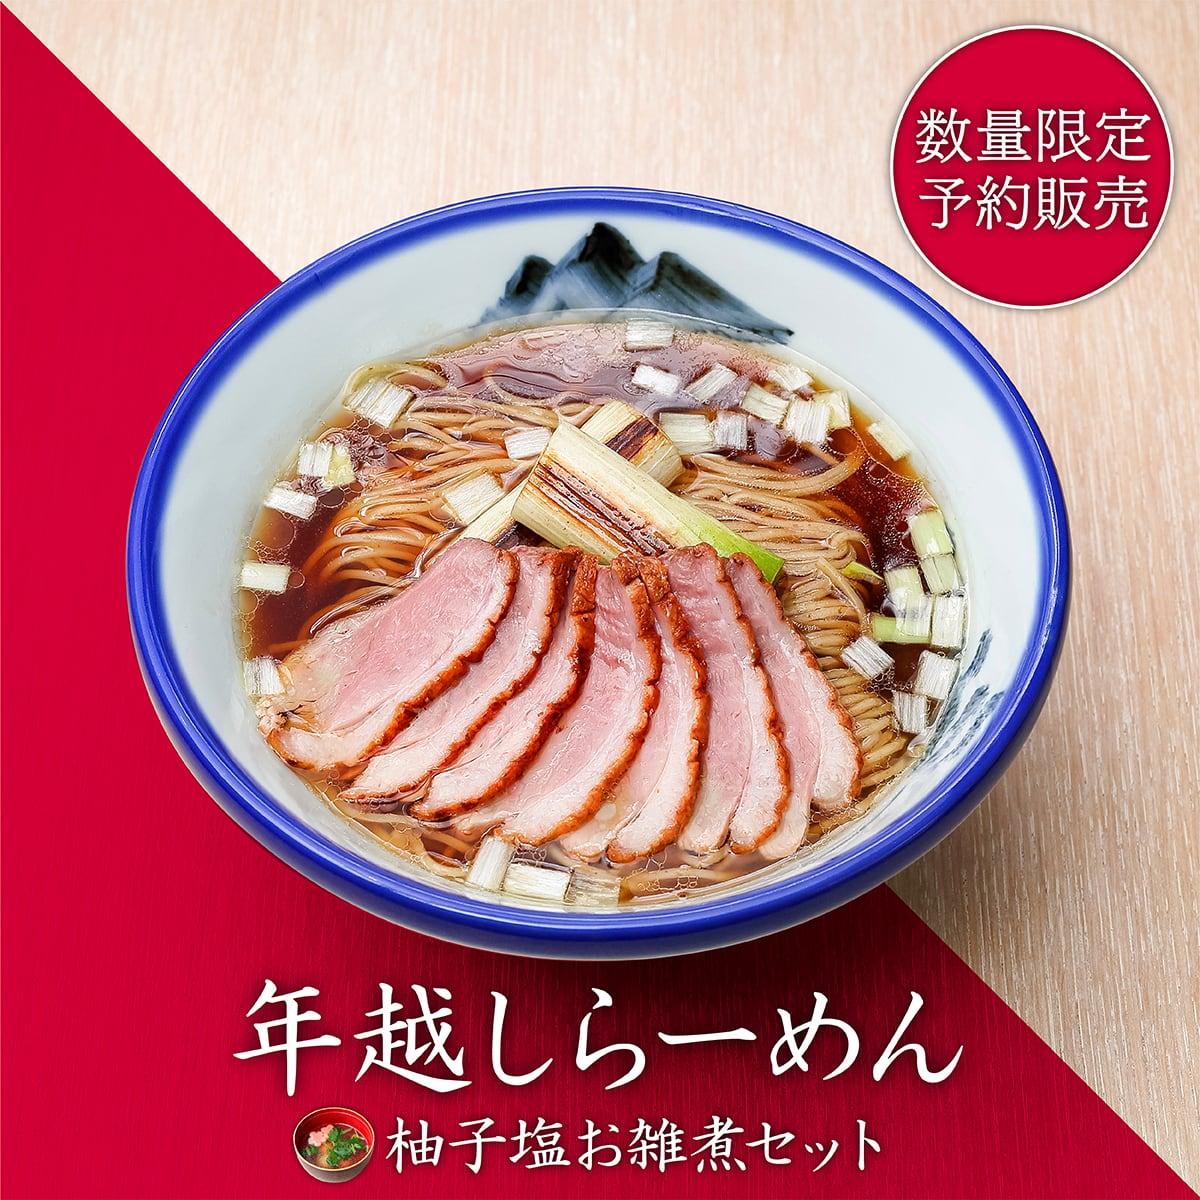 【数量限定】年越しらーめん&柚子塩お雑煮セット